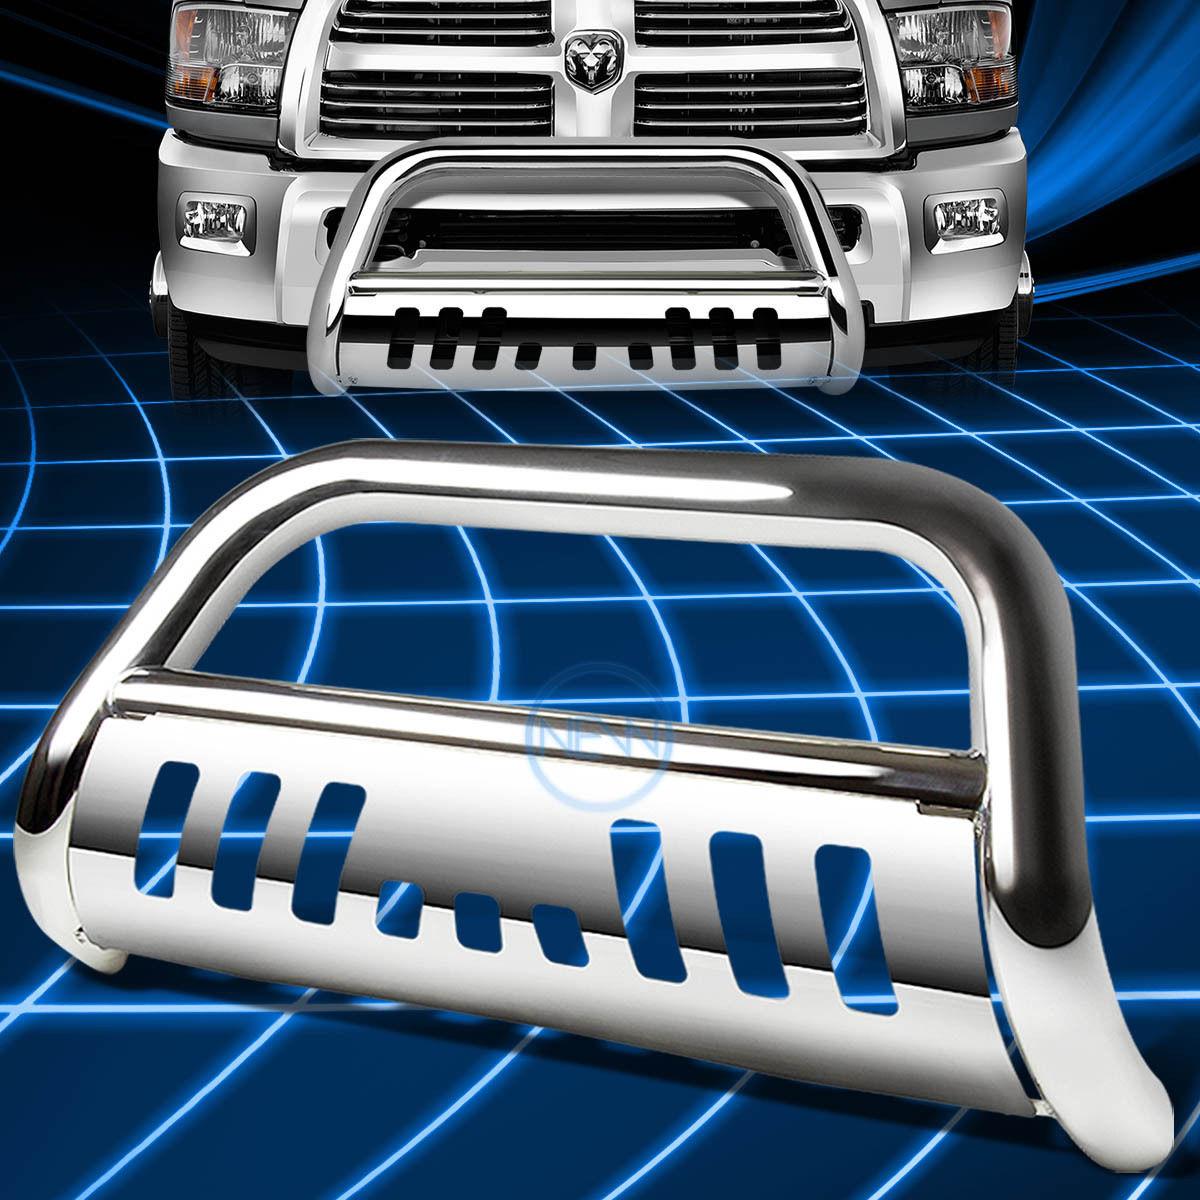 グリル Chrome SSフロントバンパーブルバーグリルガード(2010-2016年)Dodge Ram 2500/3500 Chrome SS Front Bumper Bull Bar Grille Guard for 2010-2016 Dodge Ram 2500/3500